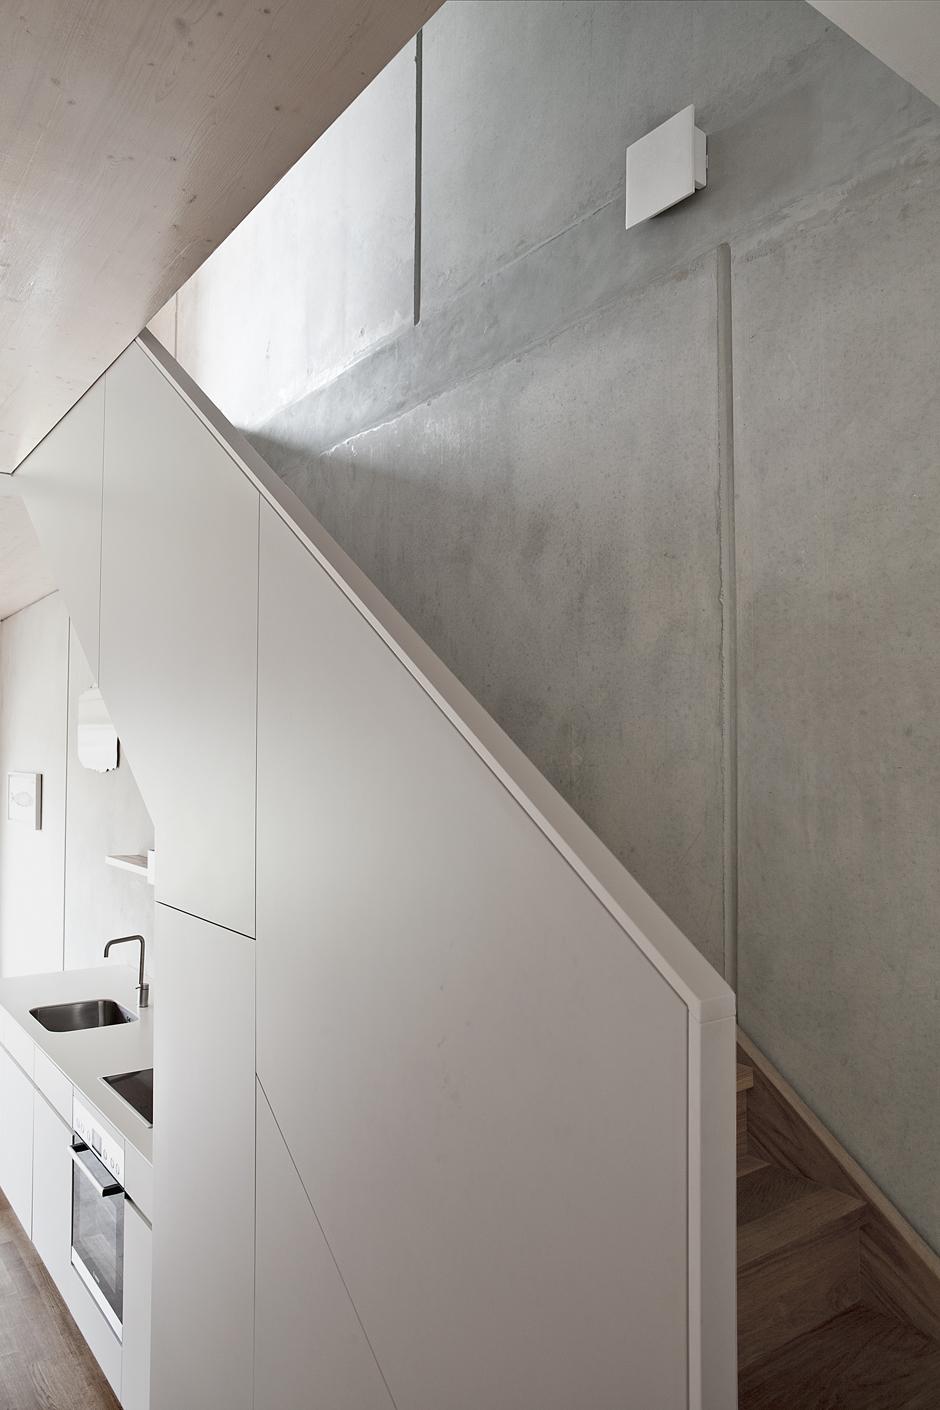 boyenstr-küche-zeile-unter-treppe-ansicht-treppe.jpg